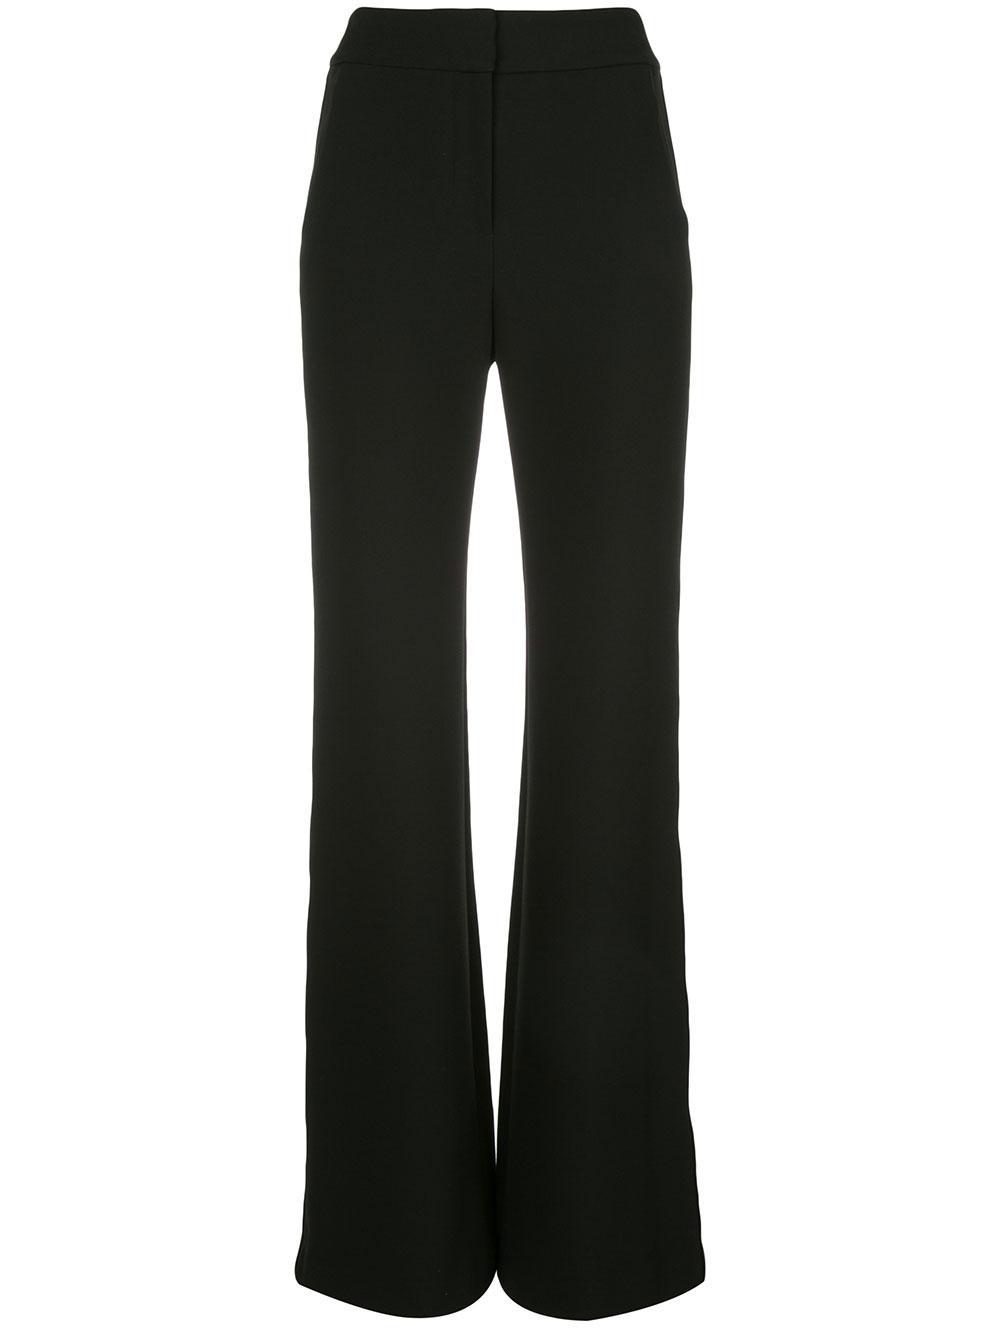 Lebone Pant With Tuxedo Item # 1910SU0026378